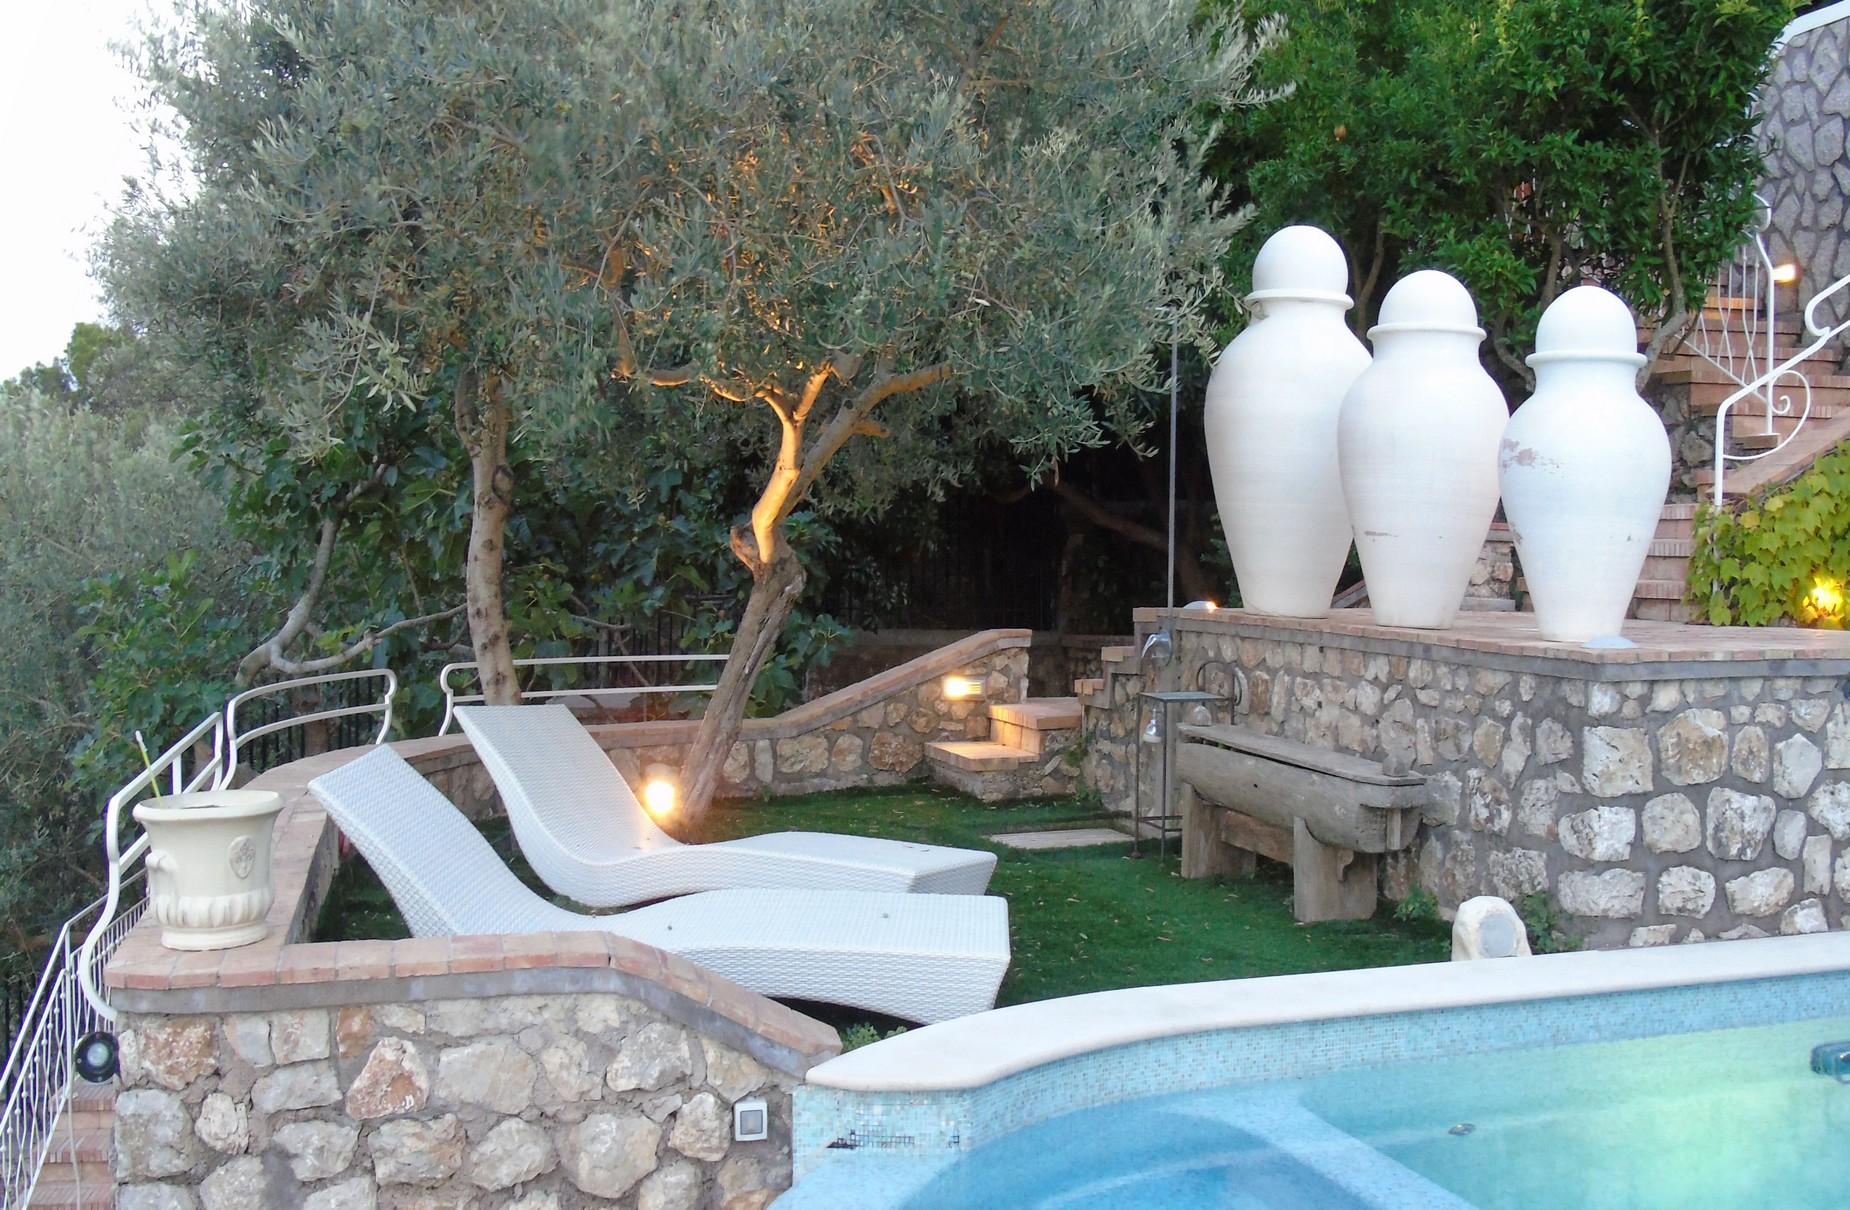 Villa in Vendita a Capri: 5 locali, 150 mq - Foto 5